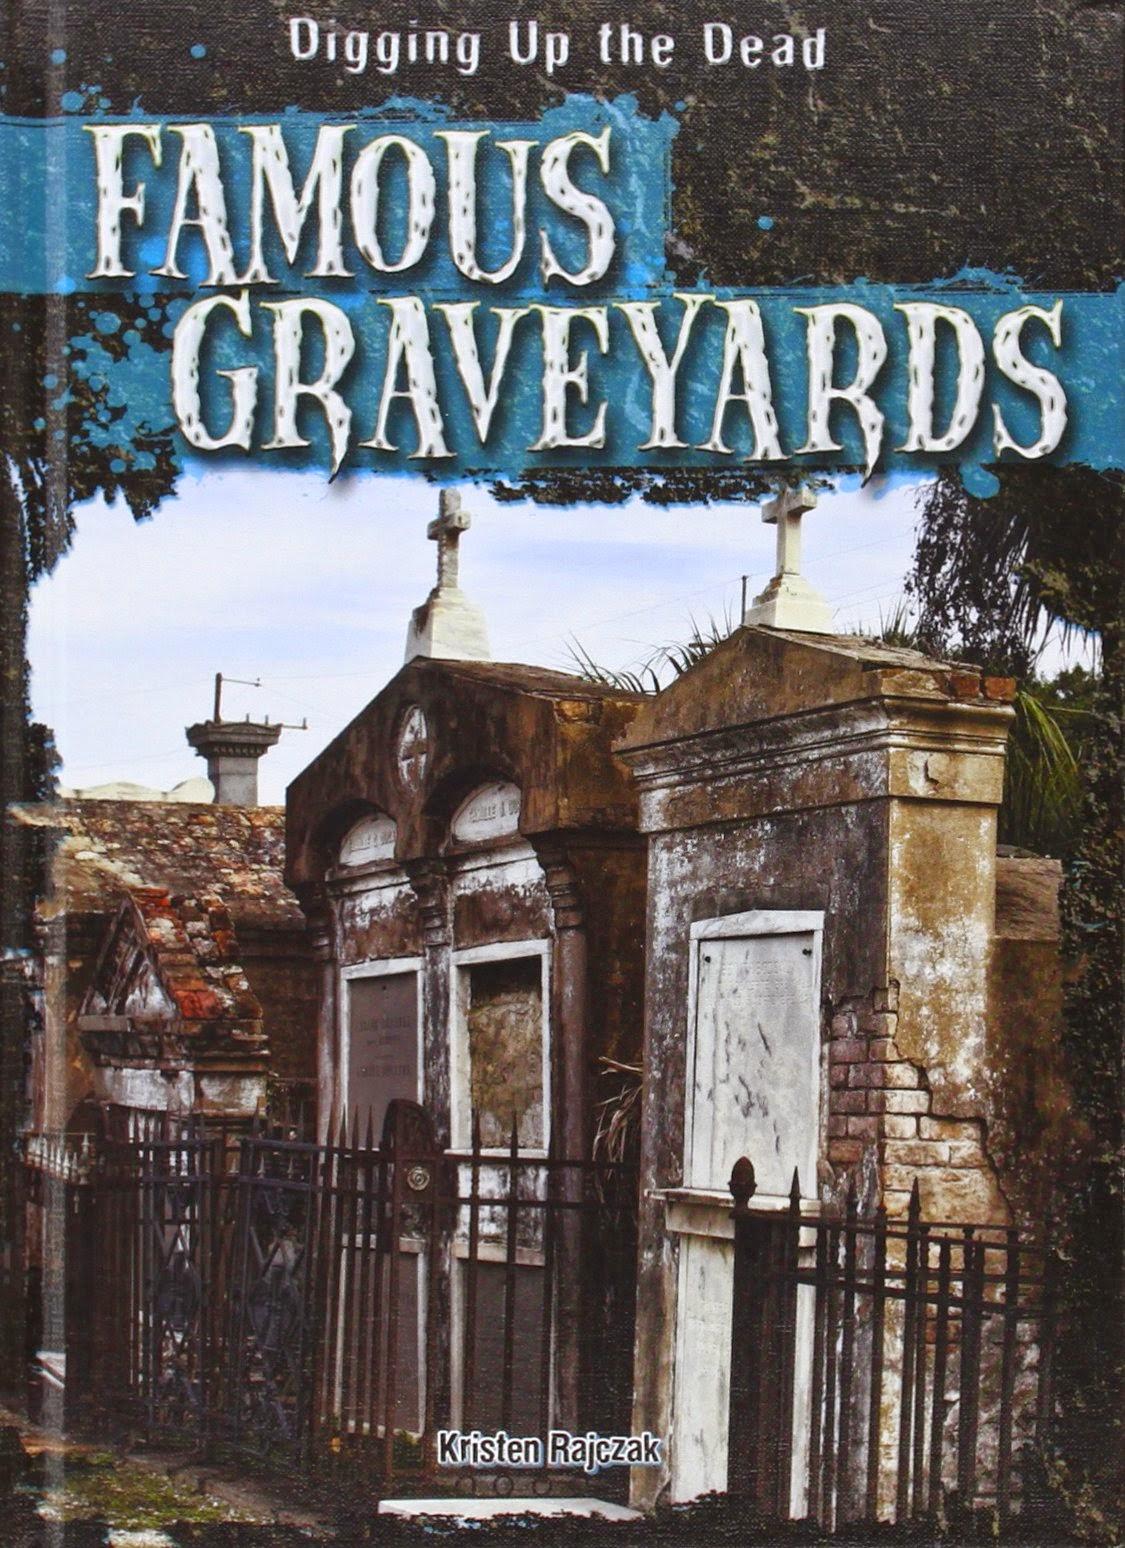 http://ccsp.ent.sirsi.net/client/en_US/rlapl/search/results?qu=famous+graveyards&te=&lm=ROUND_LAKE&dt=list